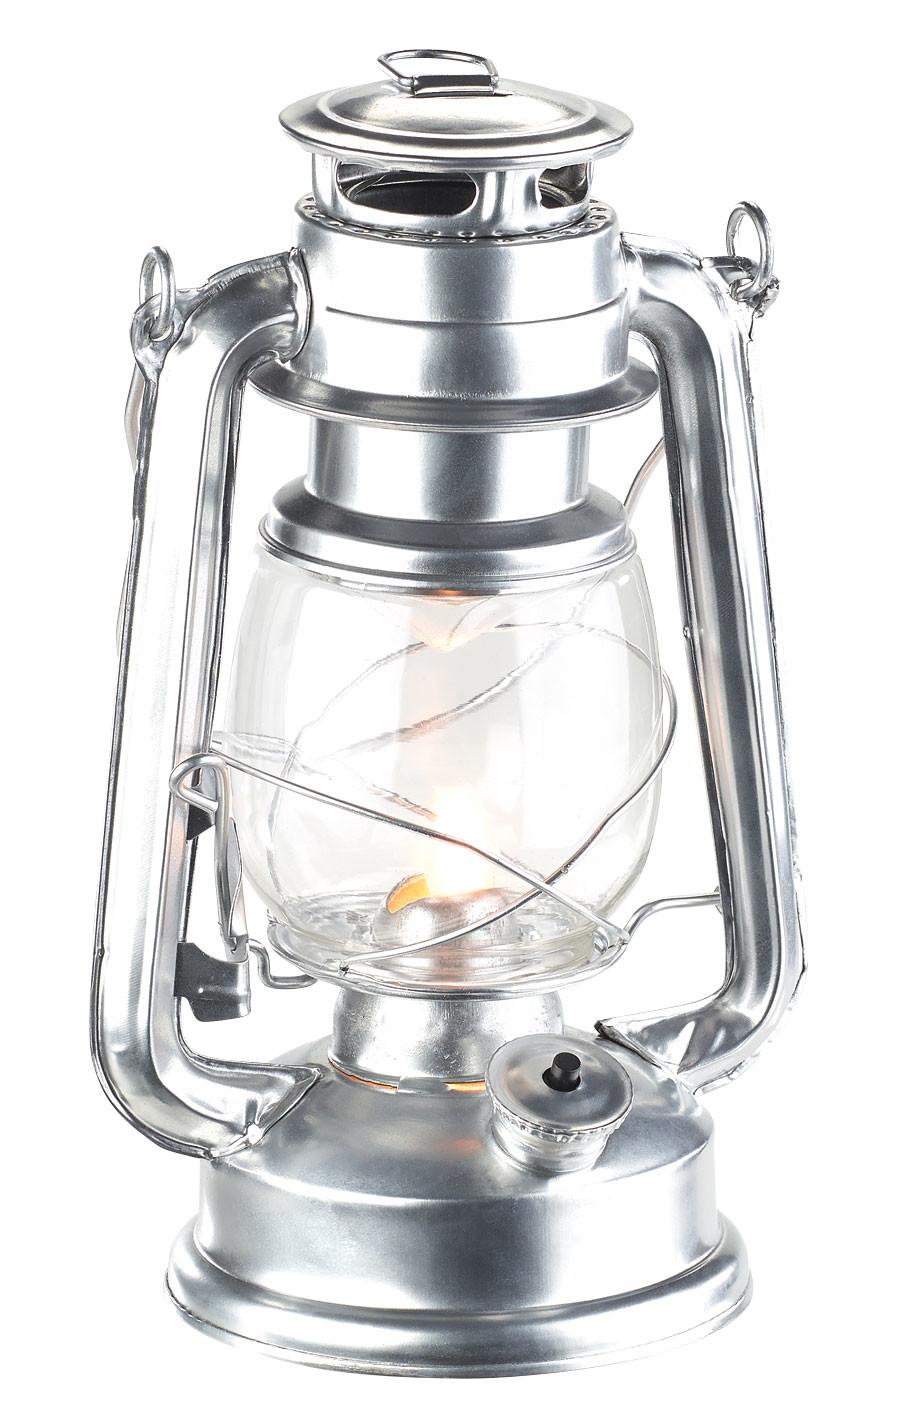 lampe led d 39 ext rieur design temp te avec flamme vacillante. Black Bedroom Furniture Sets. Home Design Ideas